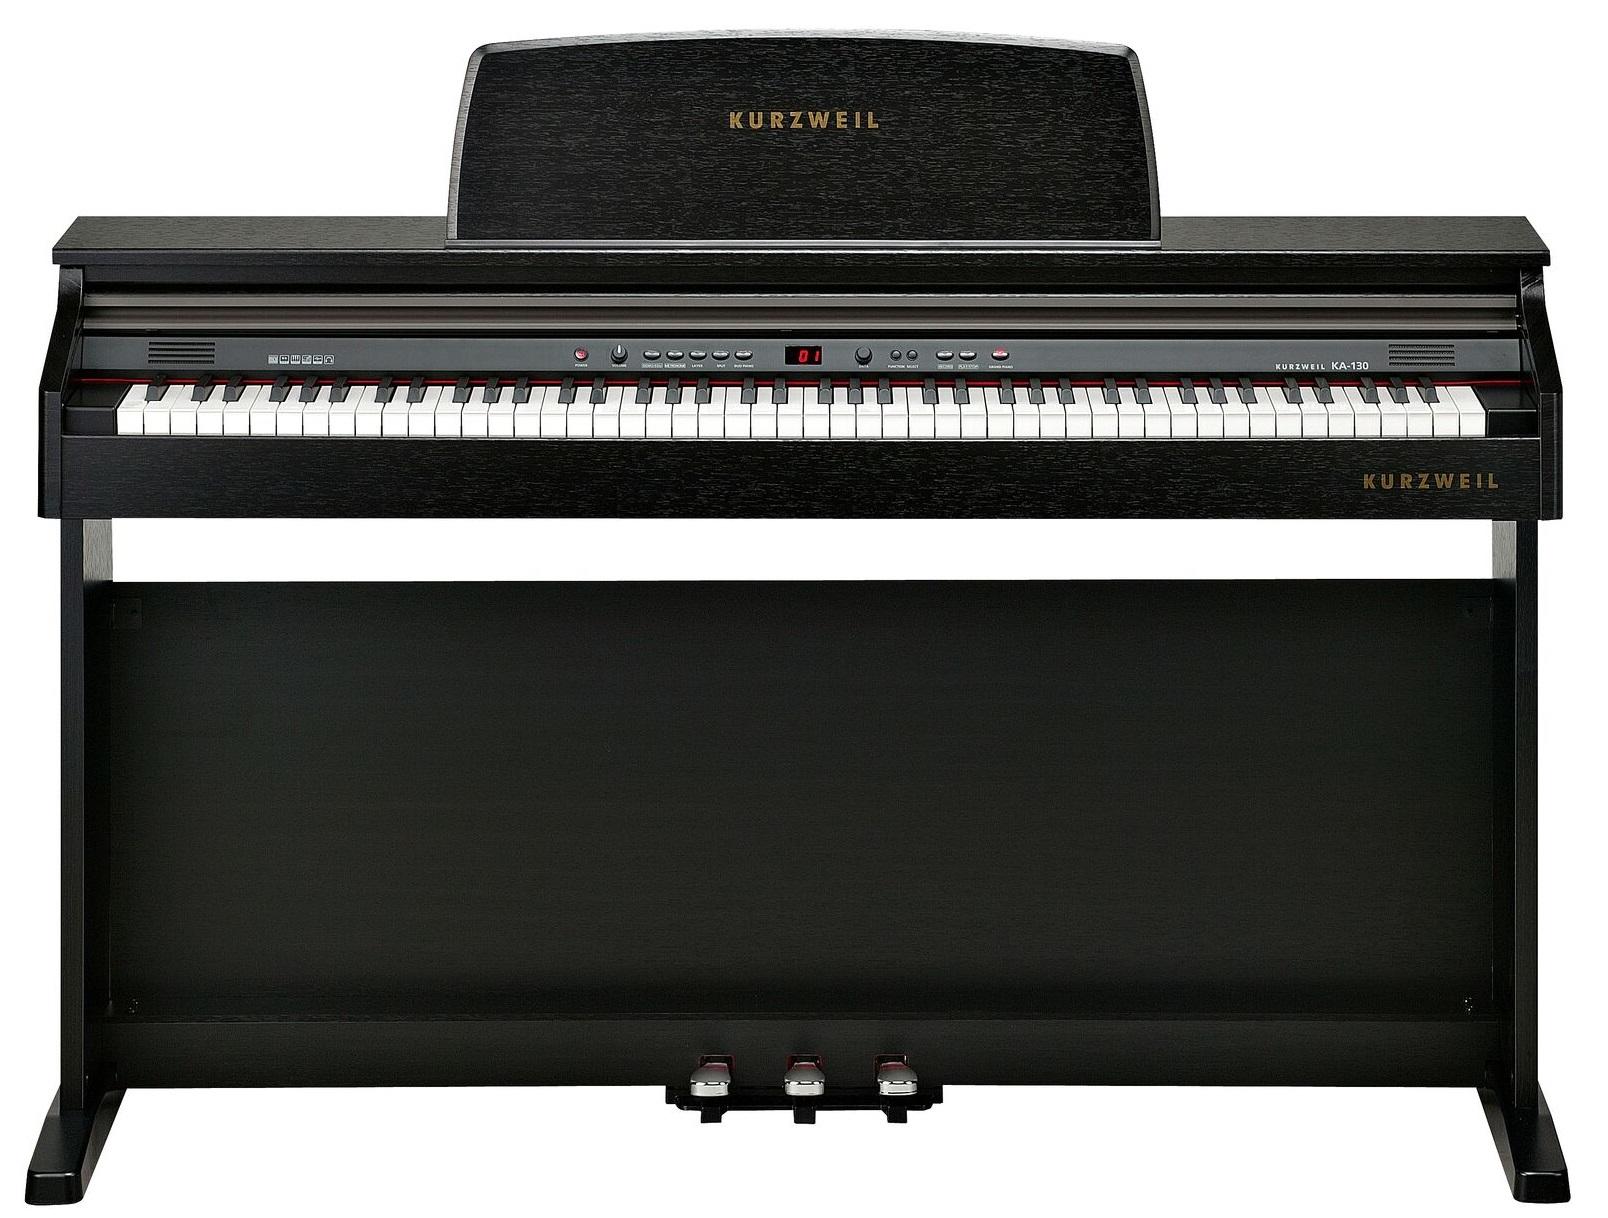 Kurzweil KA130 SR